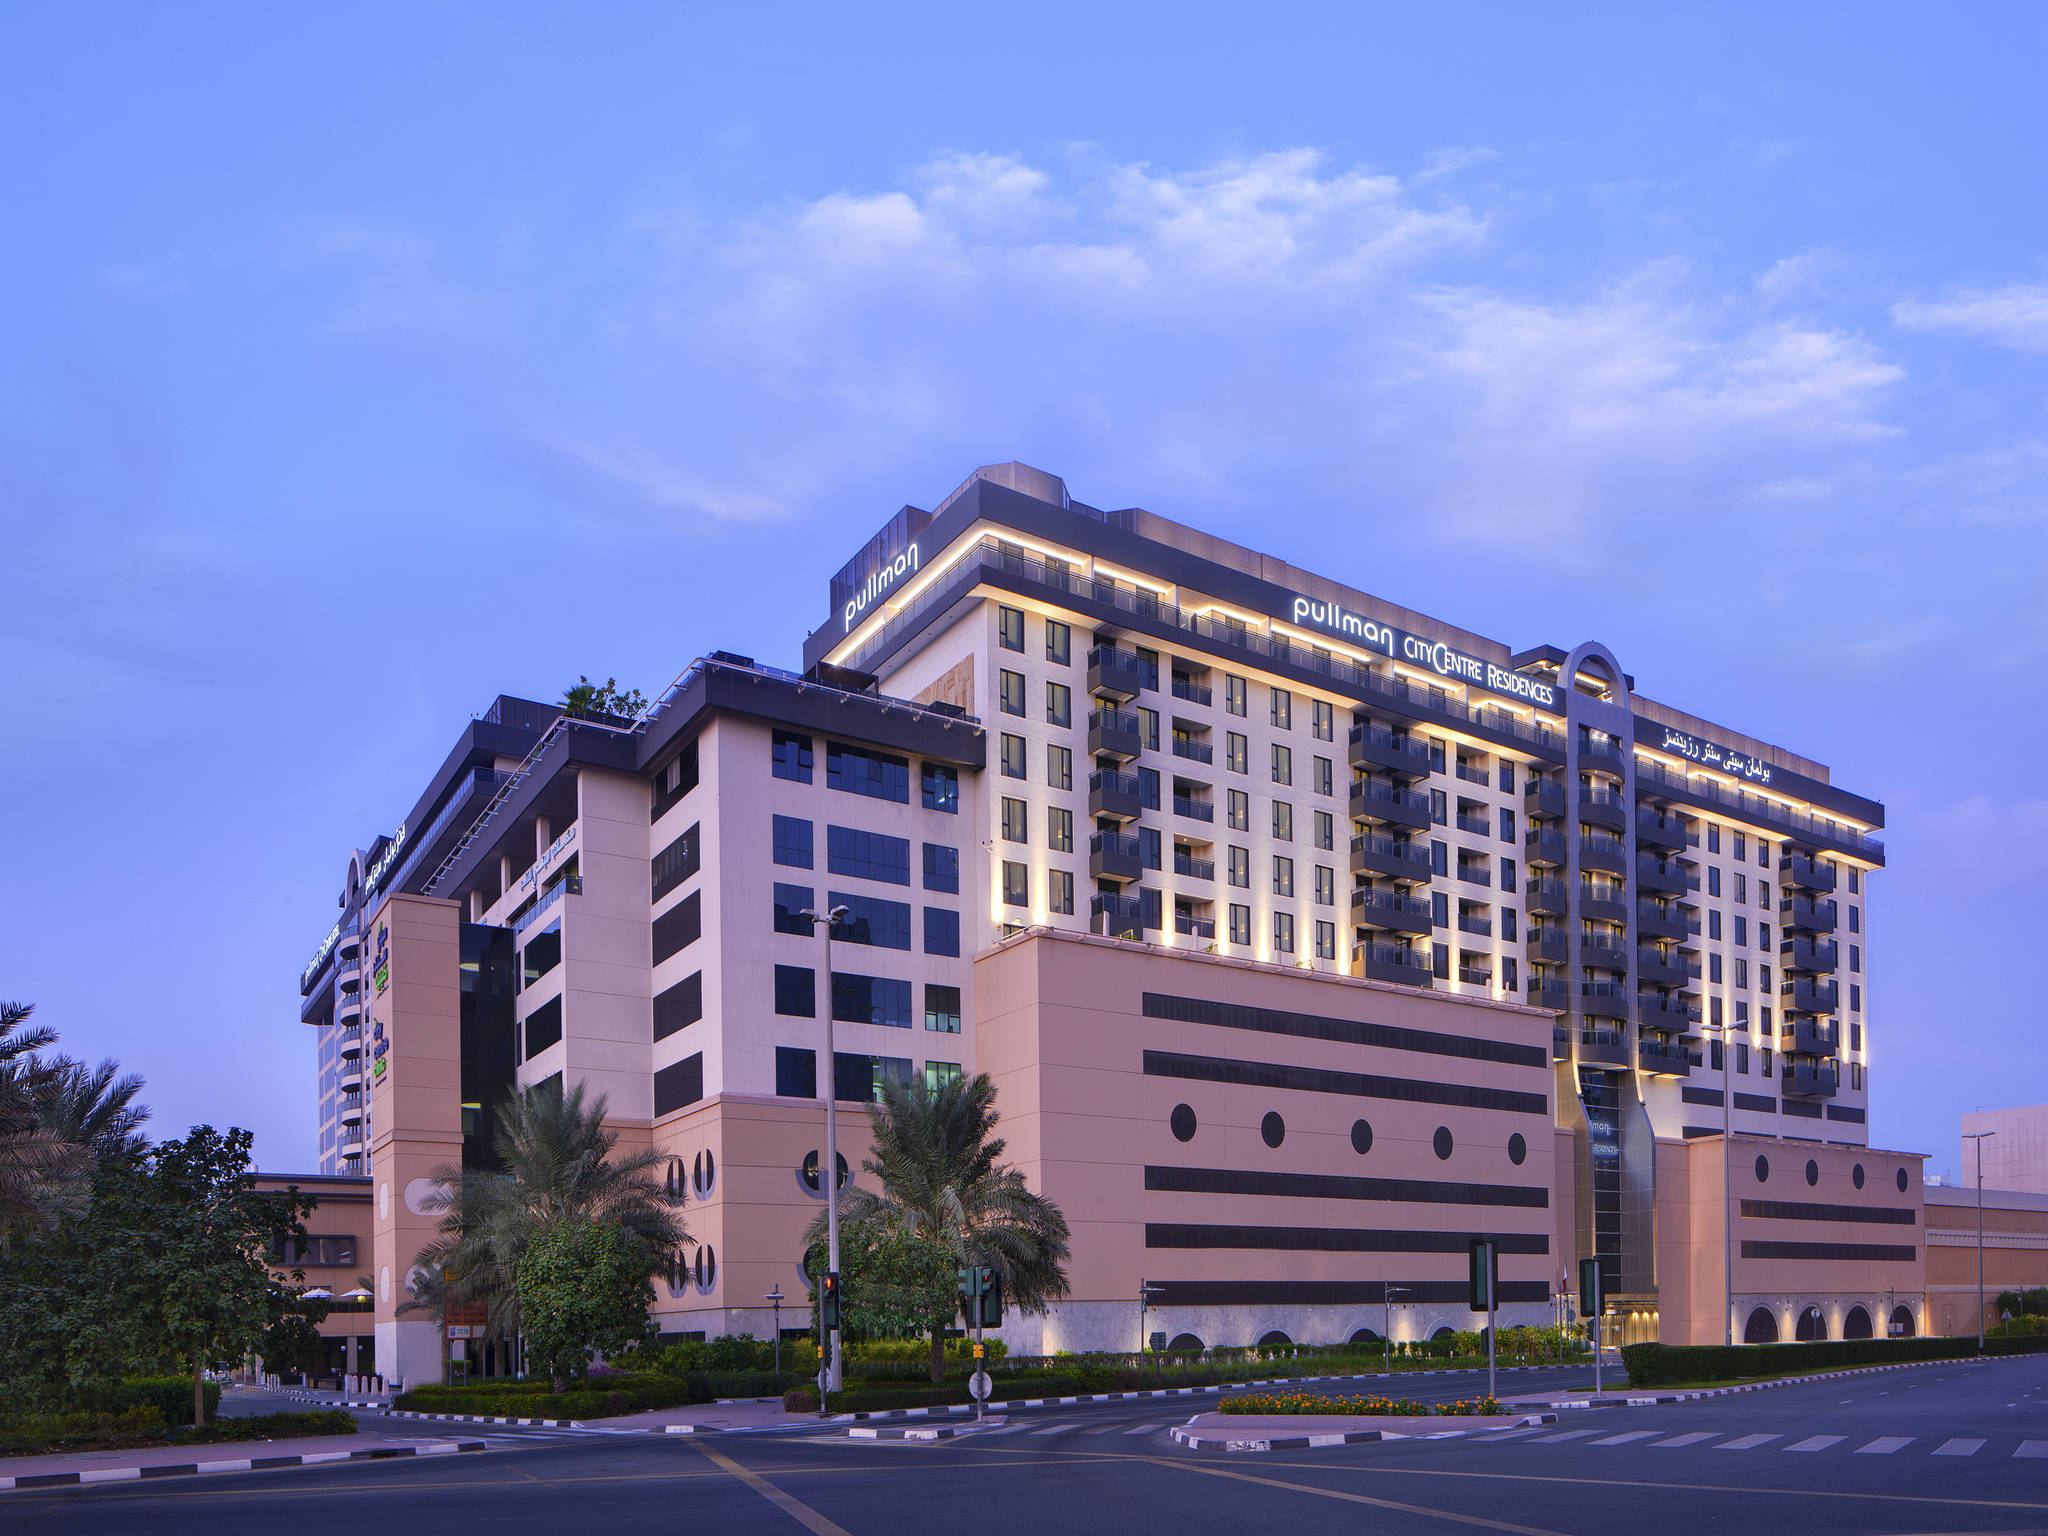 โรงแรม – พูลแมน ดูไบ ครีก ซิตี้เซ็นเตอร์ เรซิเดนซ์